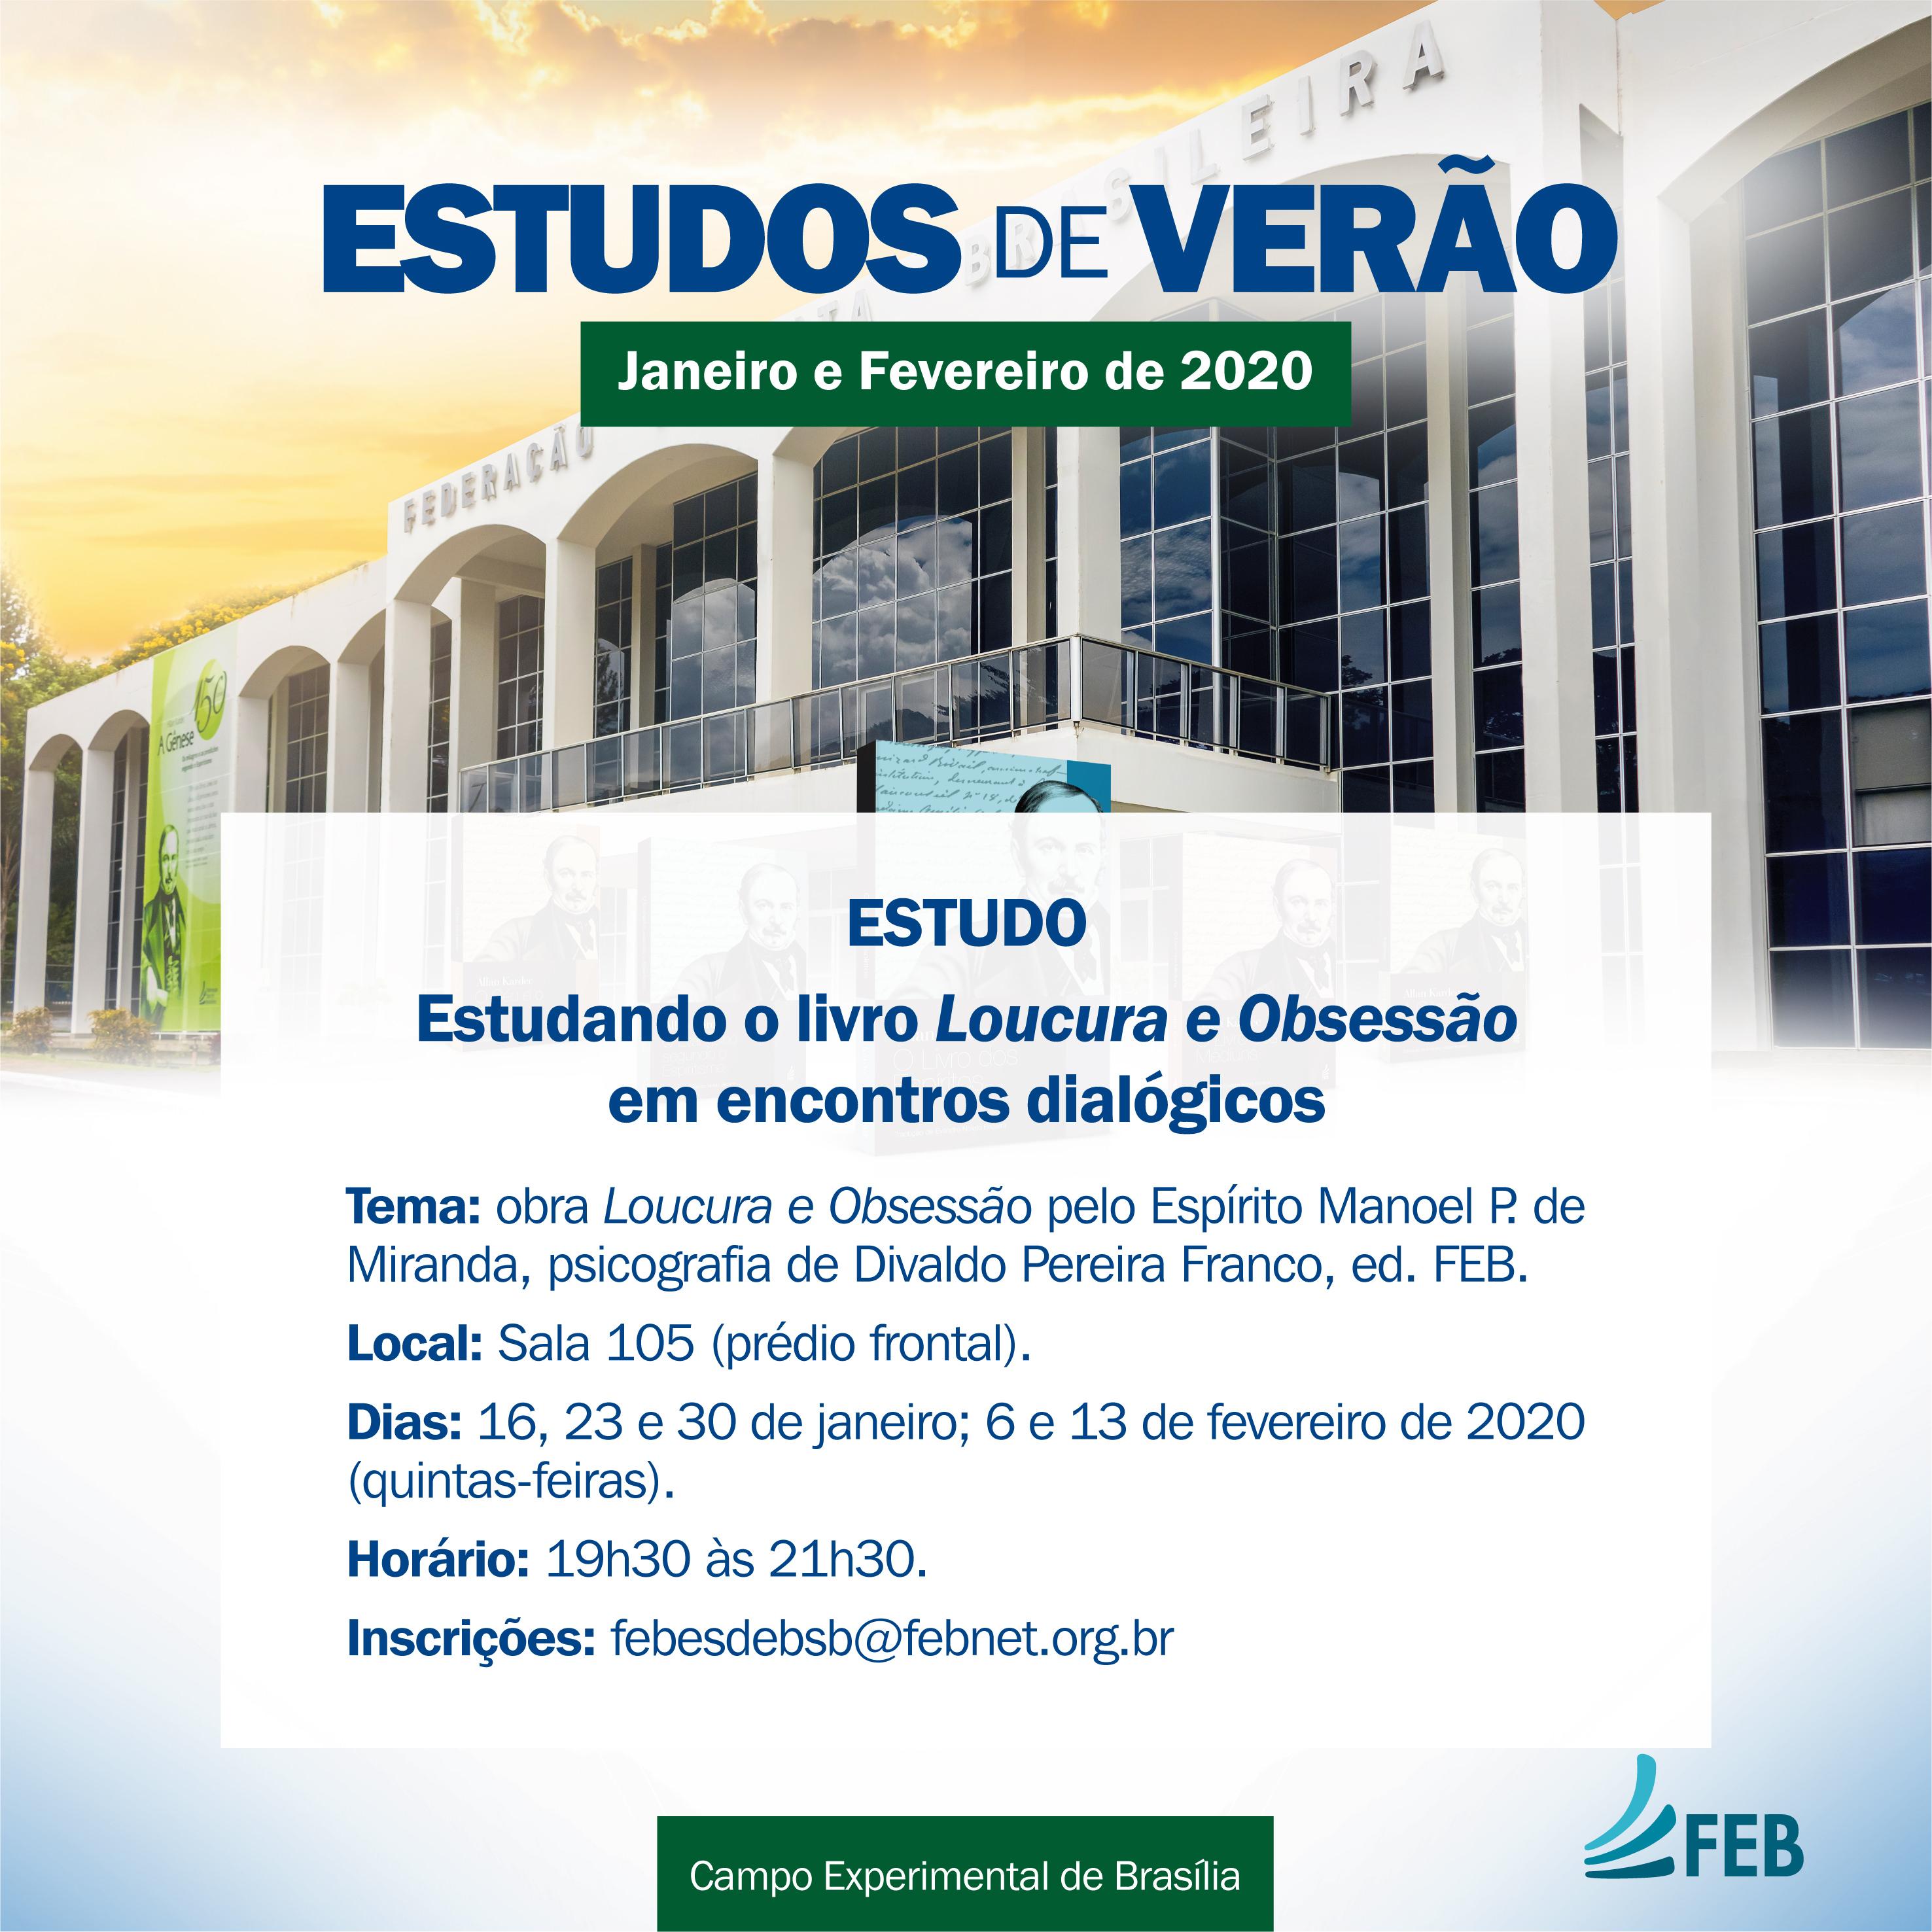 ESTUDO DE VERÃO 2019 What app-02